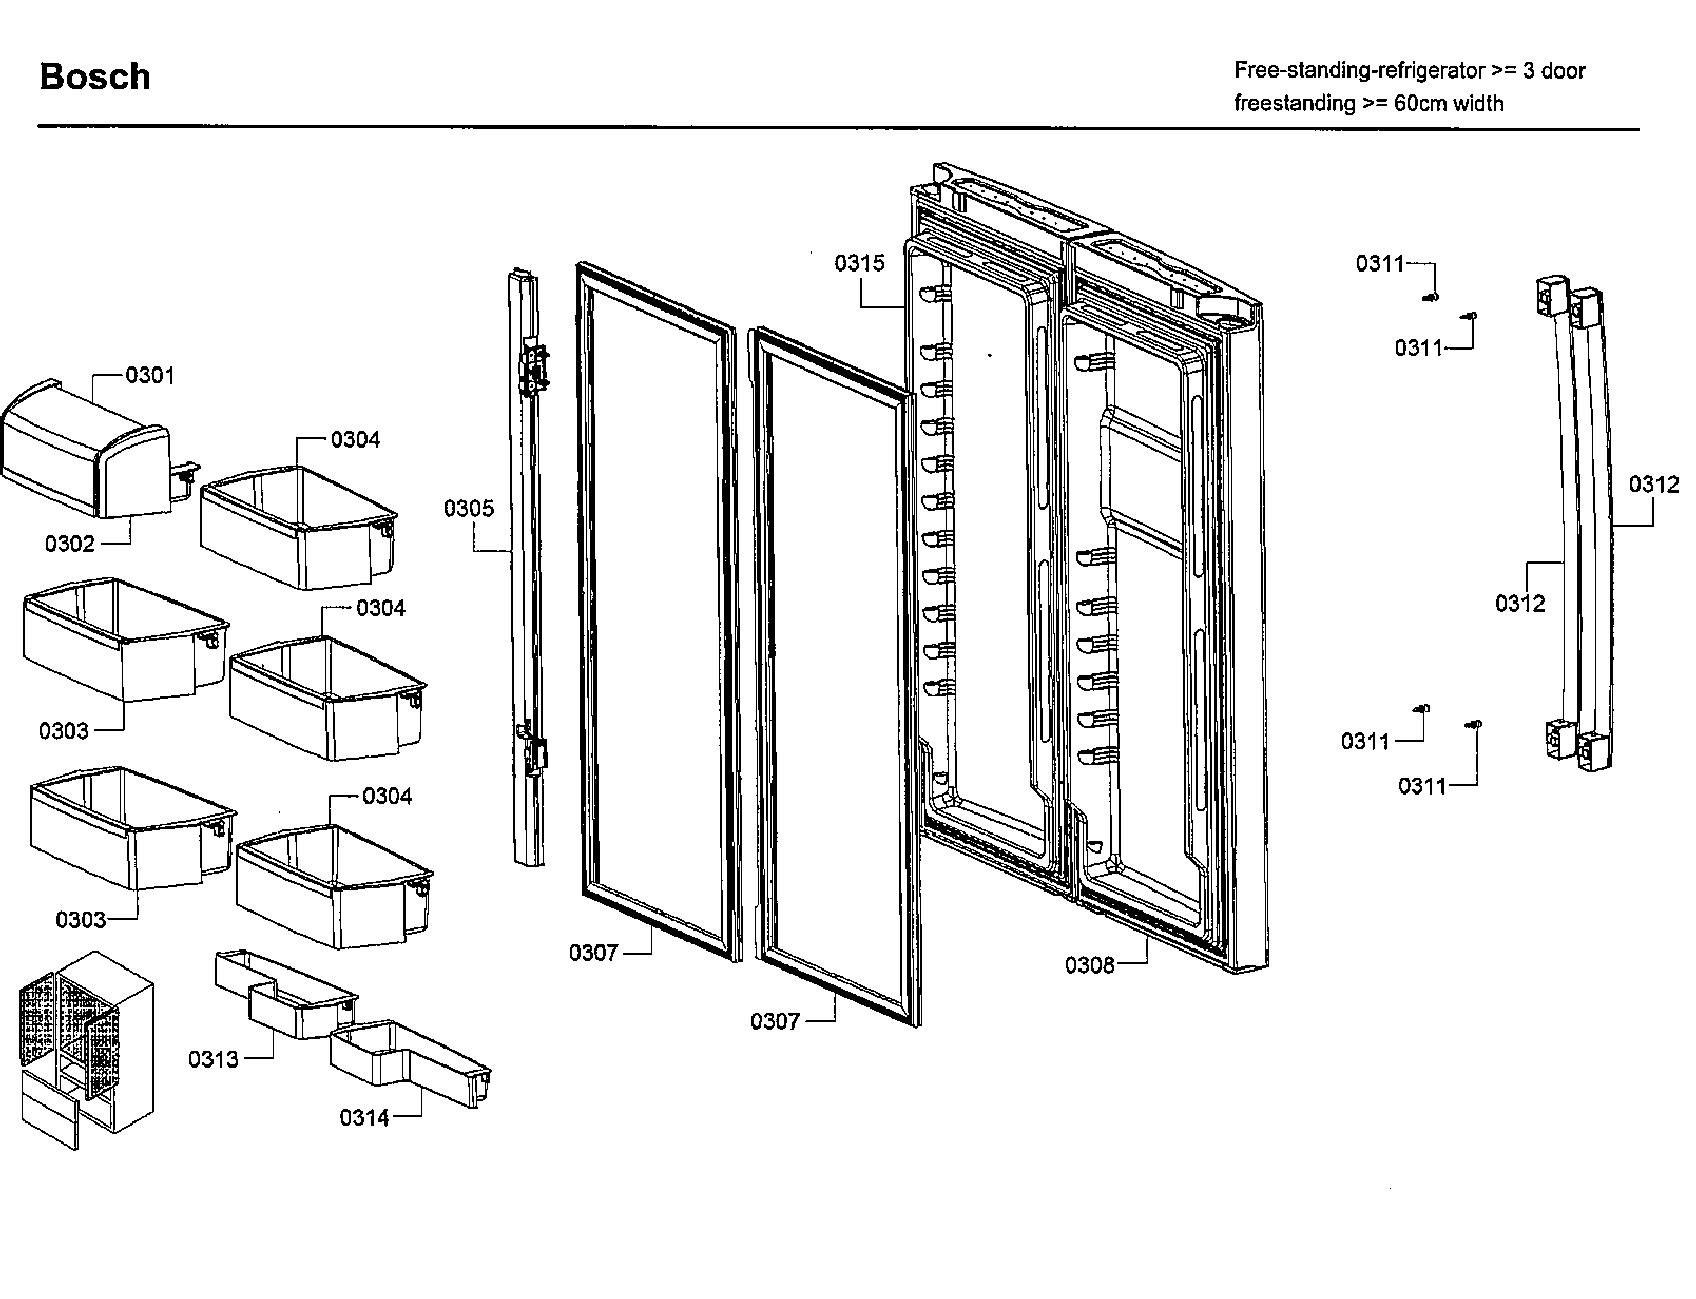 Bosch model B21CL81SNS/01 bottom-mount refrigerator